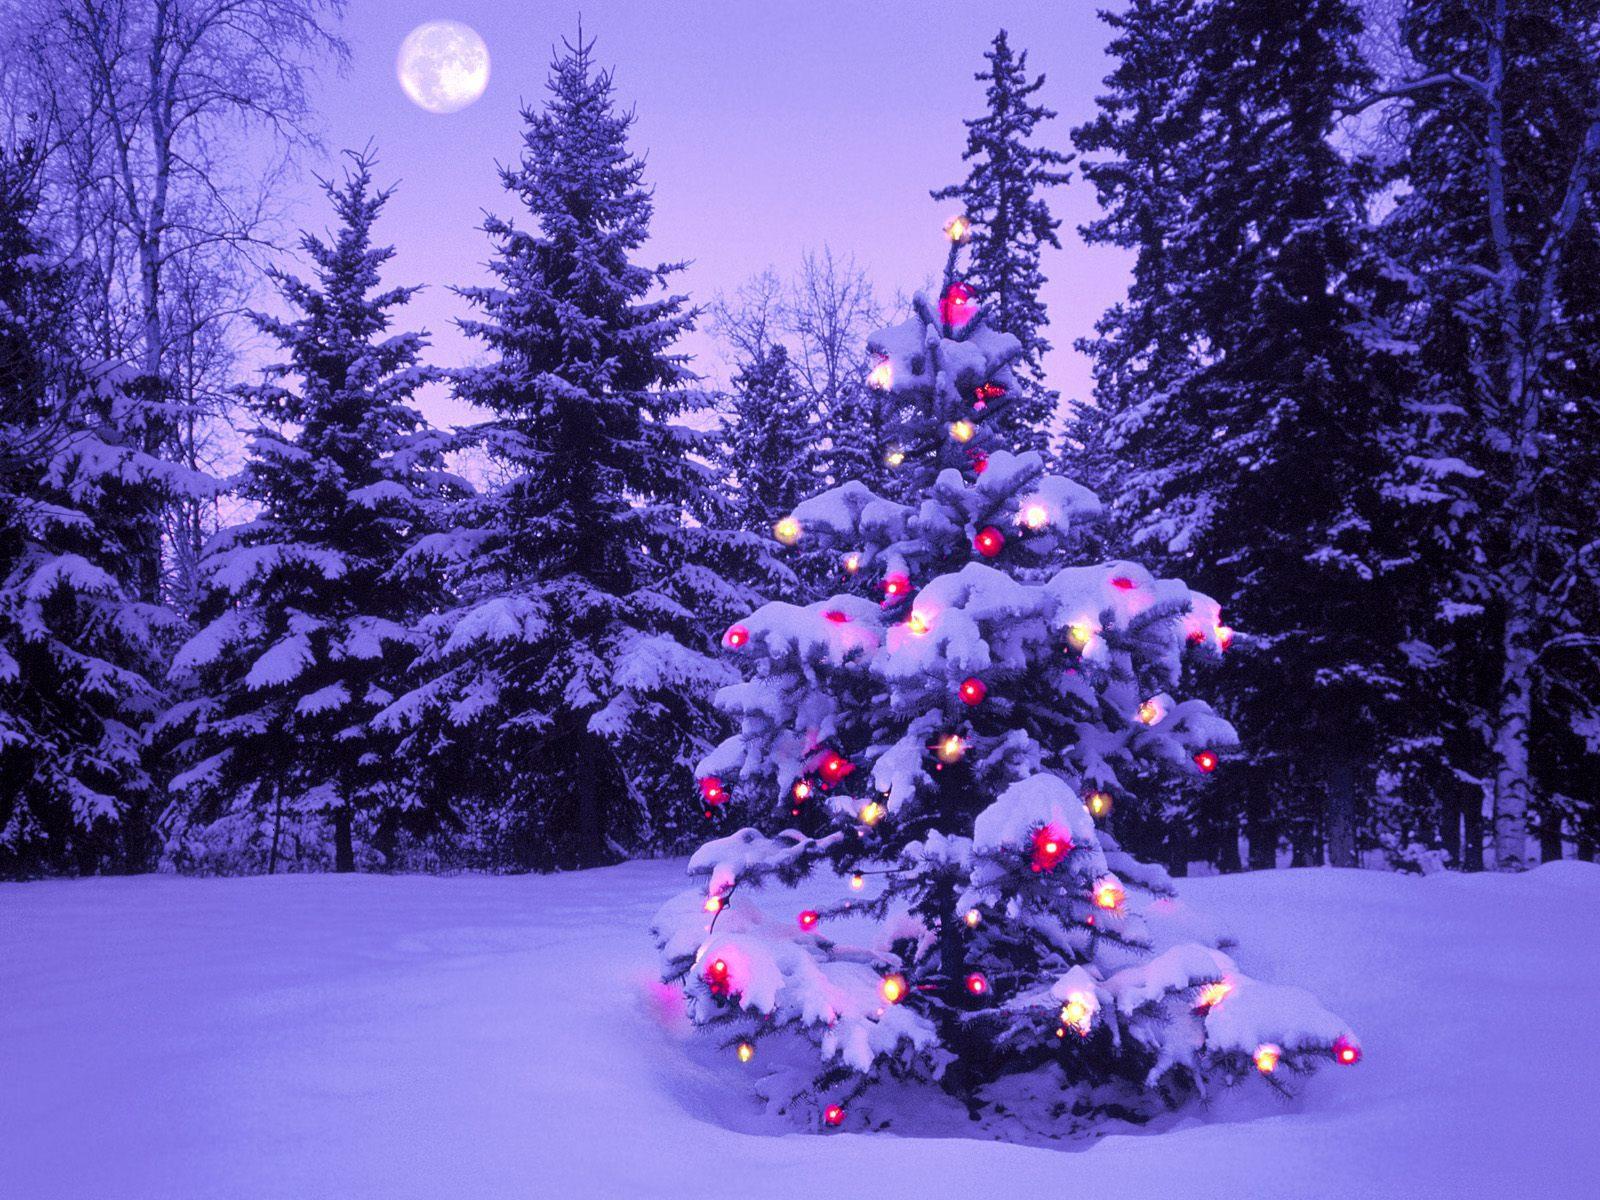 входные фото елки в зимнем лесу открытки фото